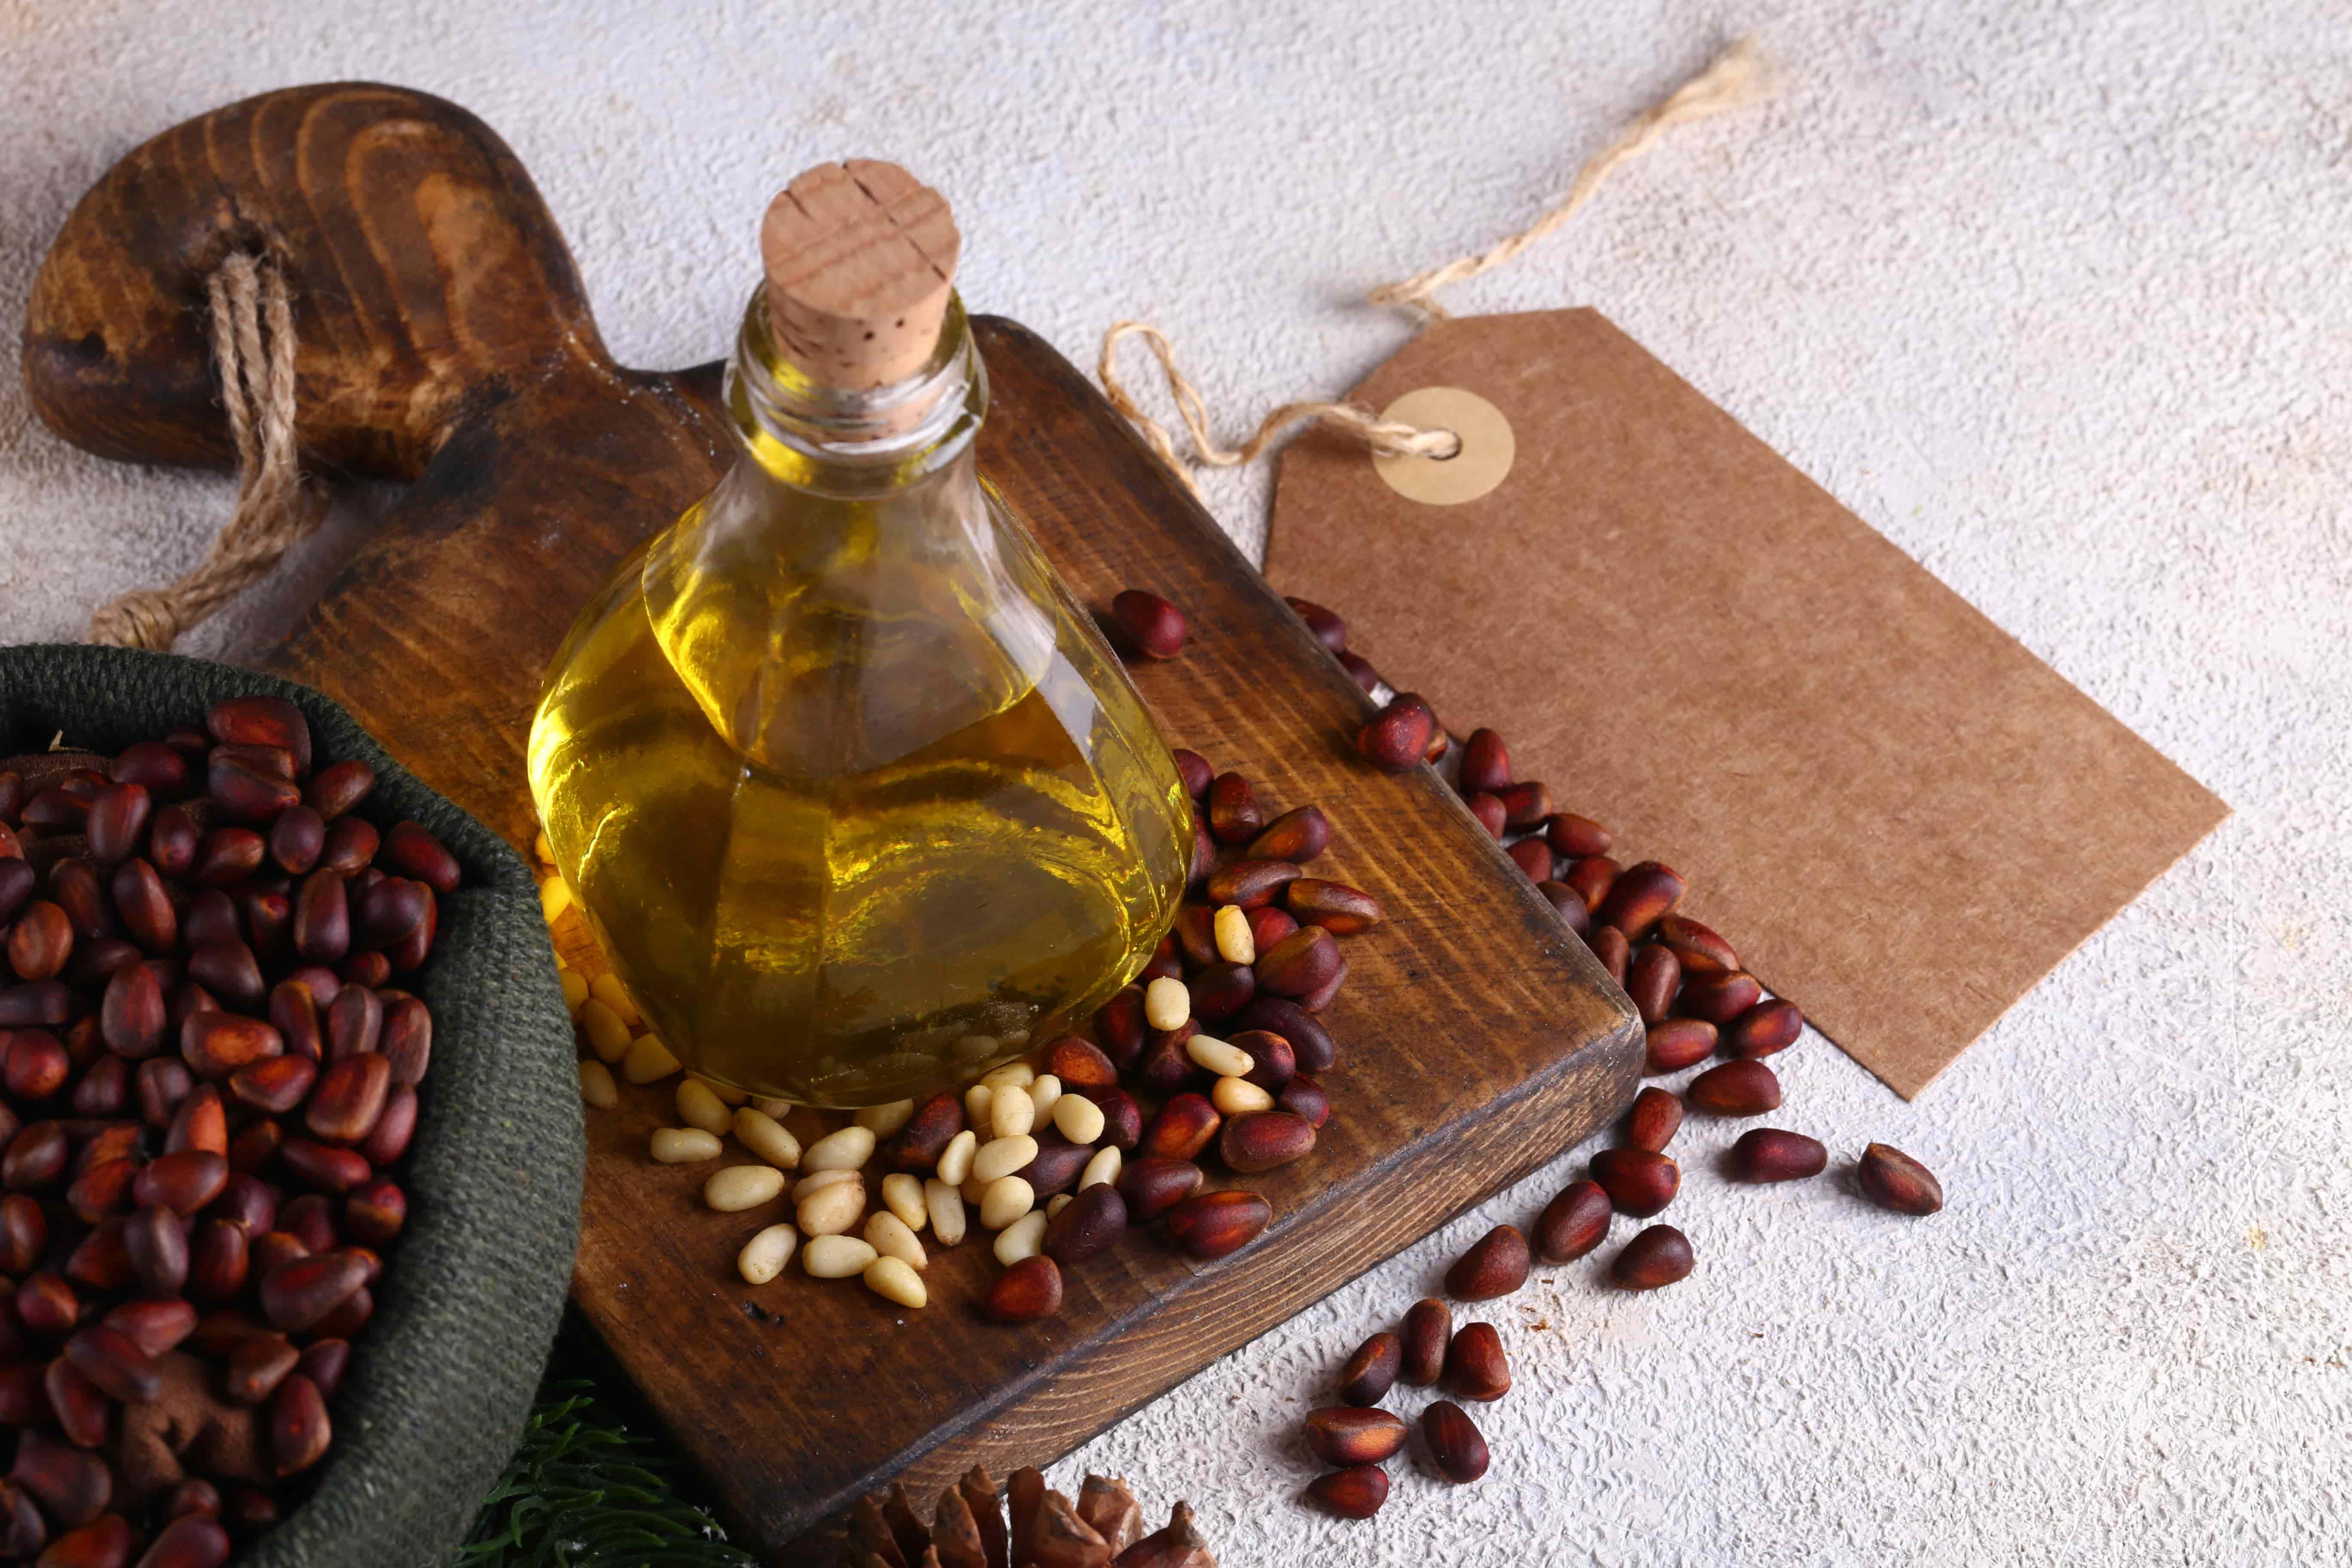 Эфирные масла - чем полезны для здоровья человека. Есть ли противопоказания